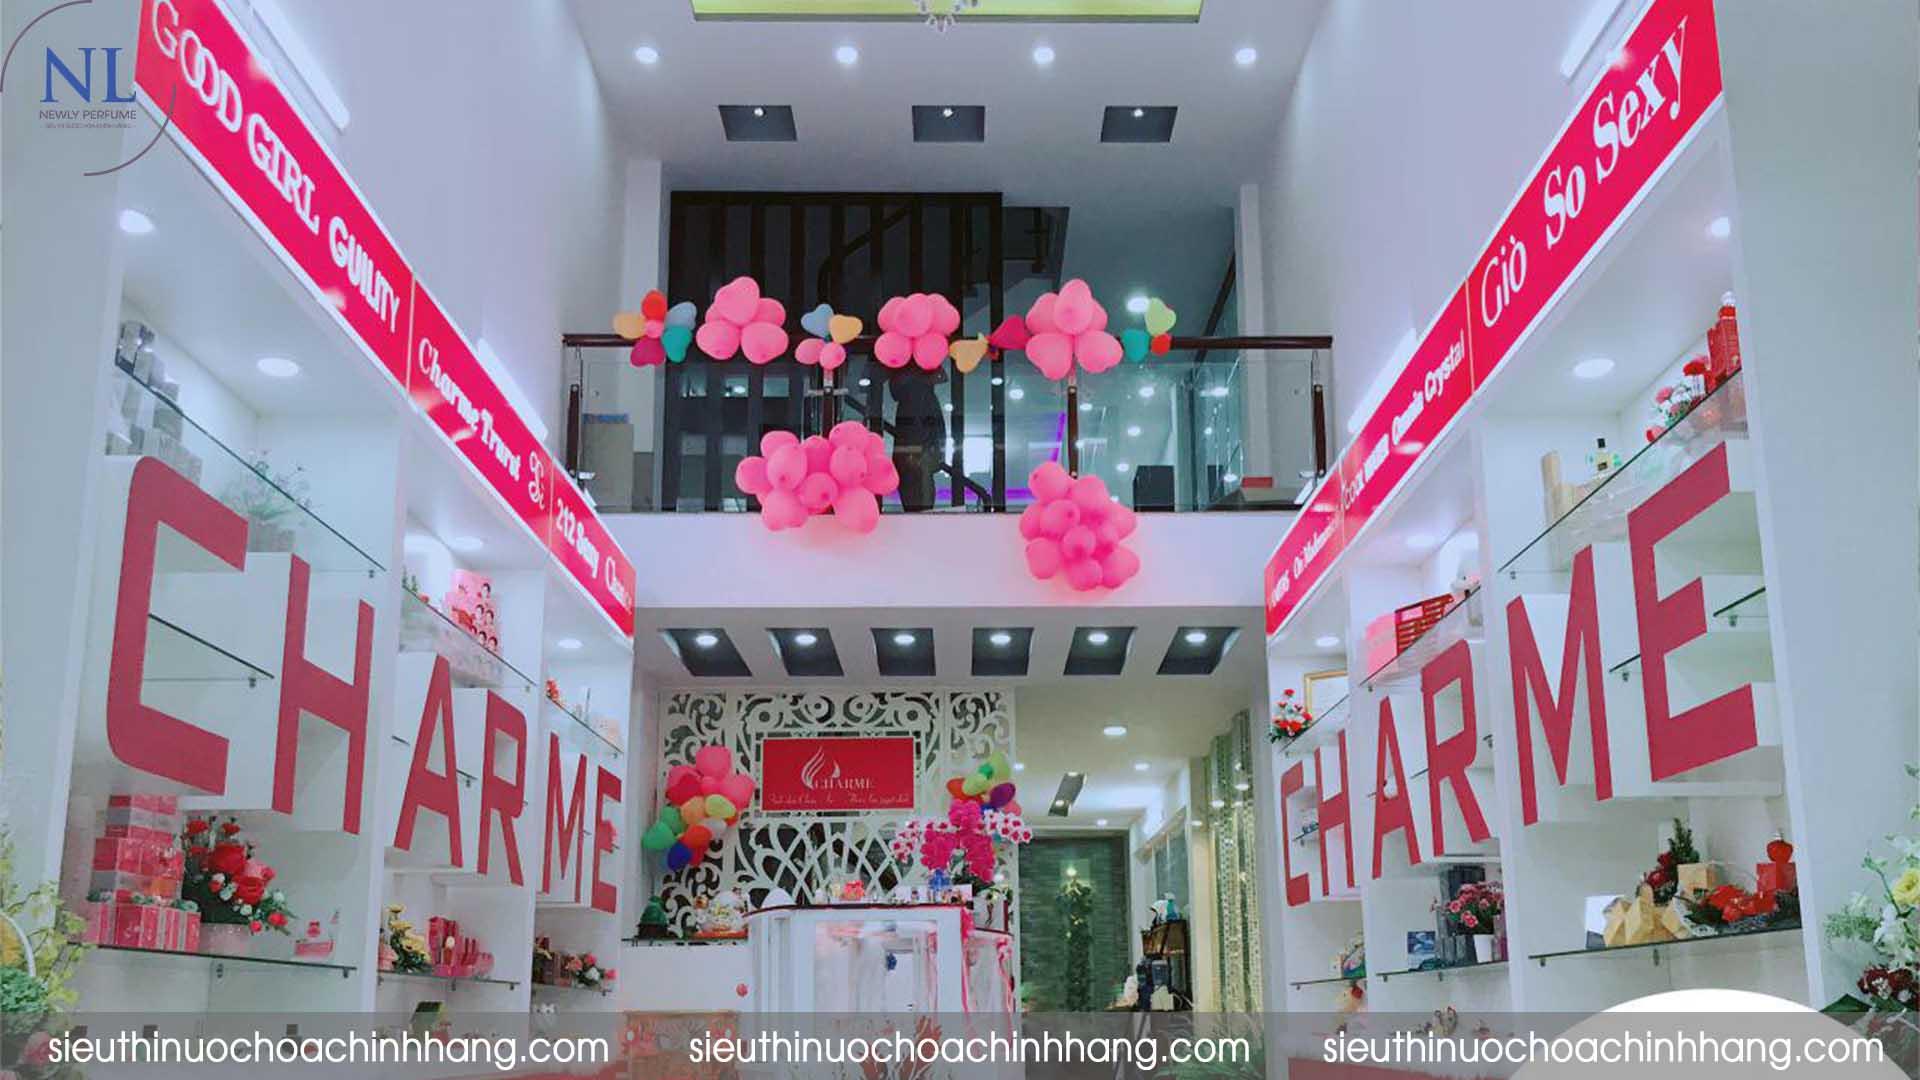 cửa hàng nước hoa charme tphcm